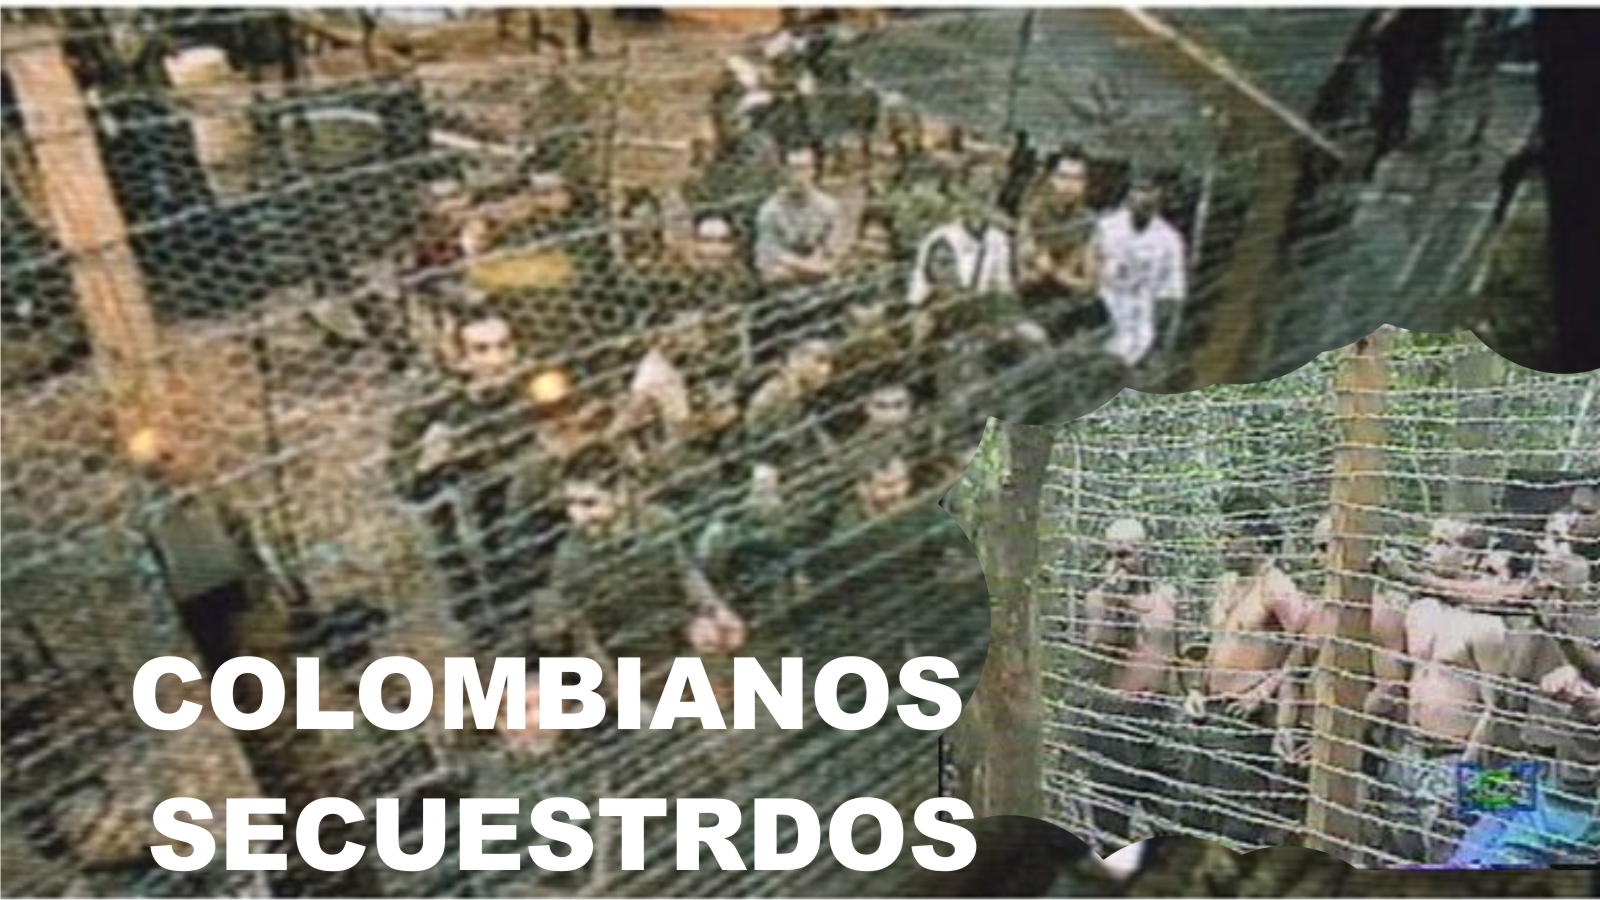 SECUESTRADOS FARC